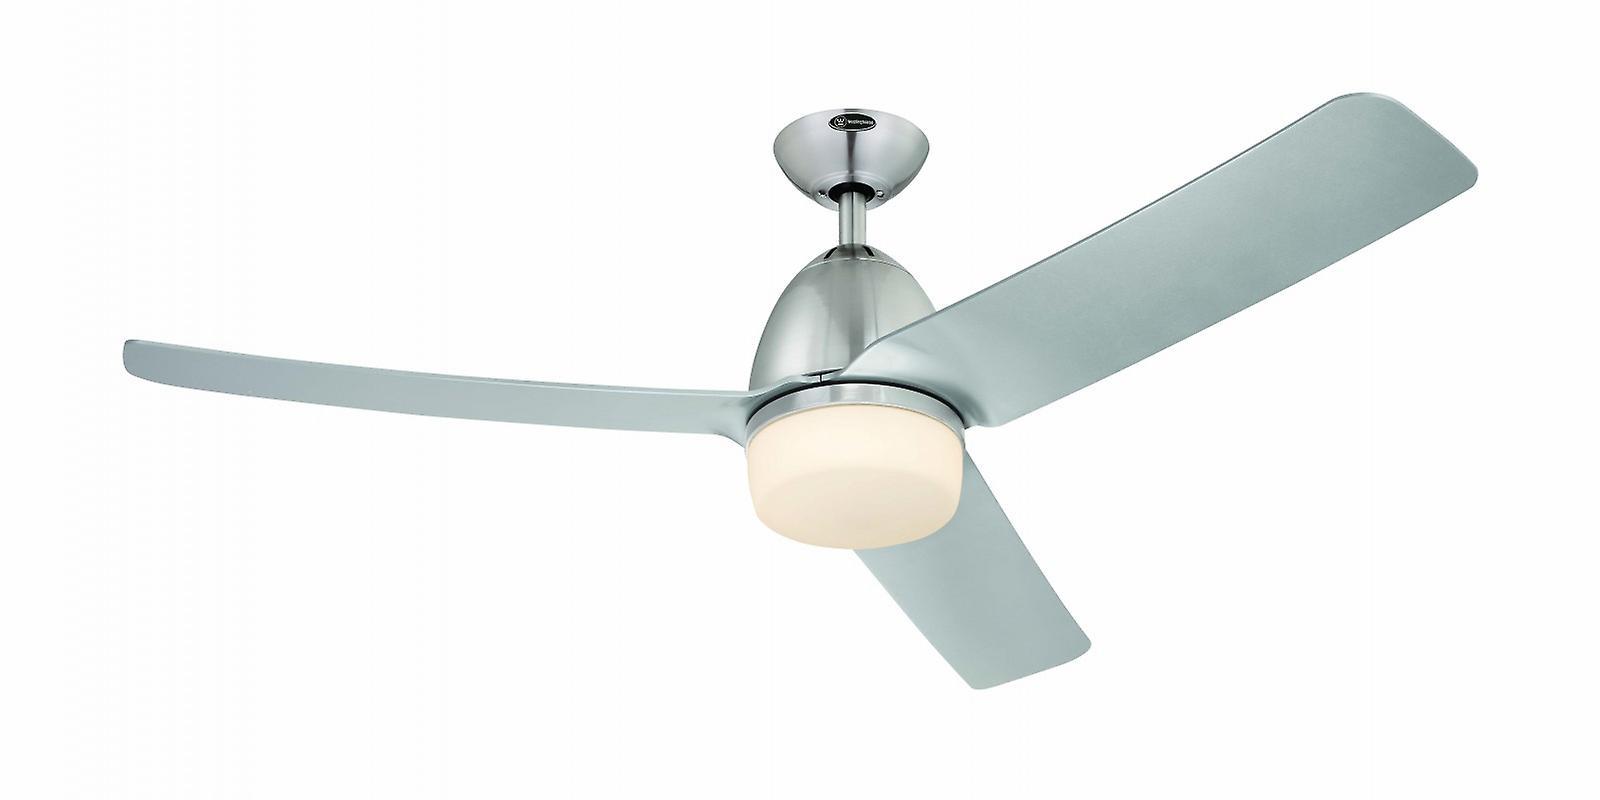 Ventilateur de plafond Westinghouse Delancey avec éclairage